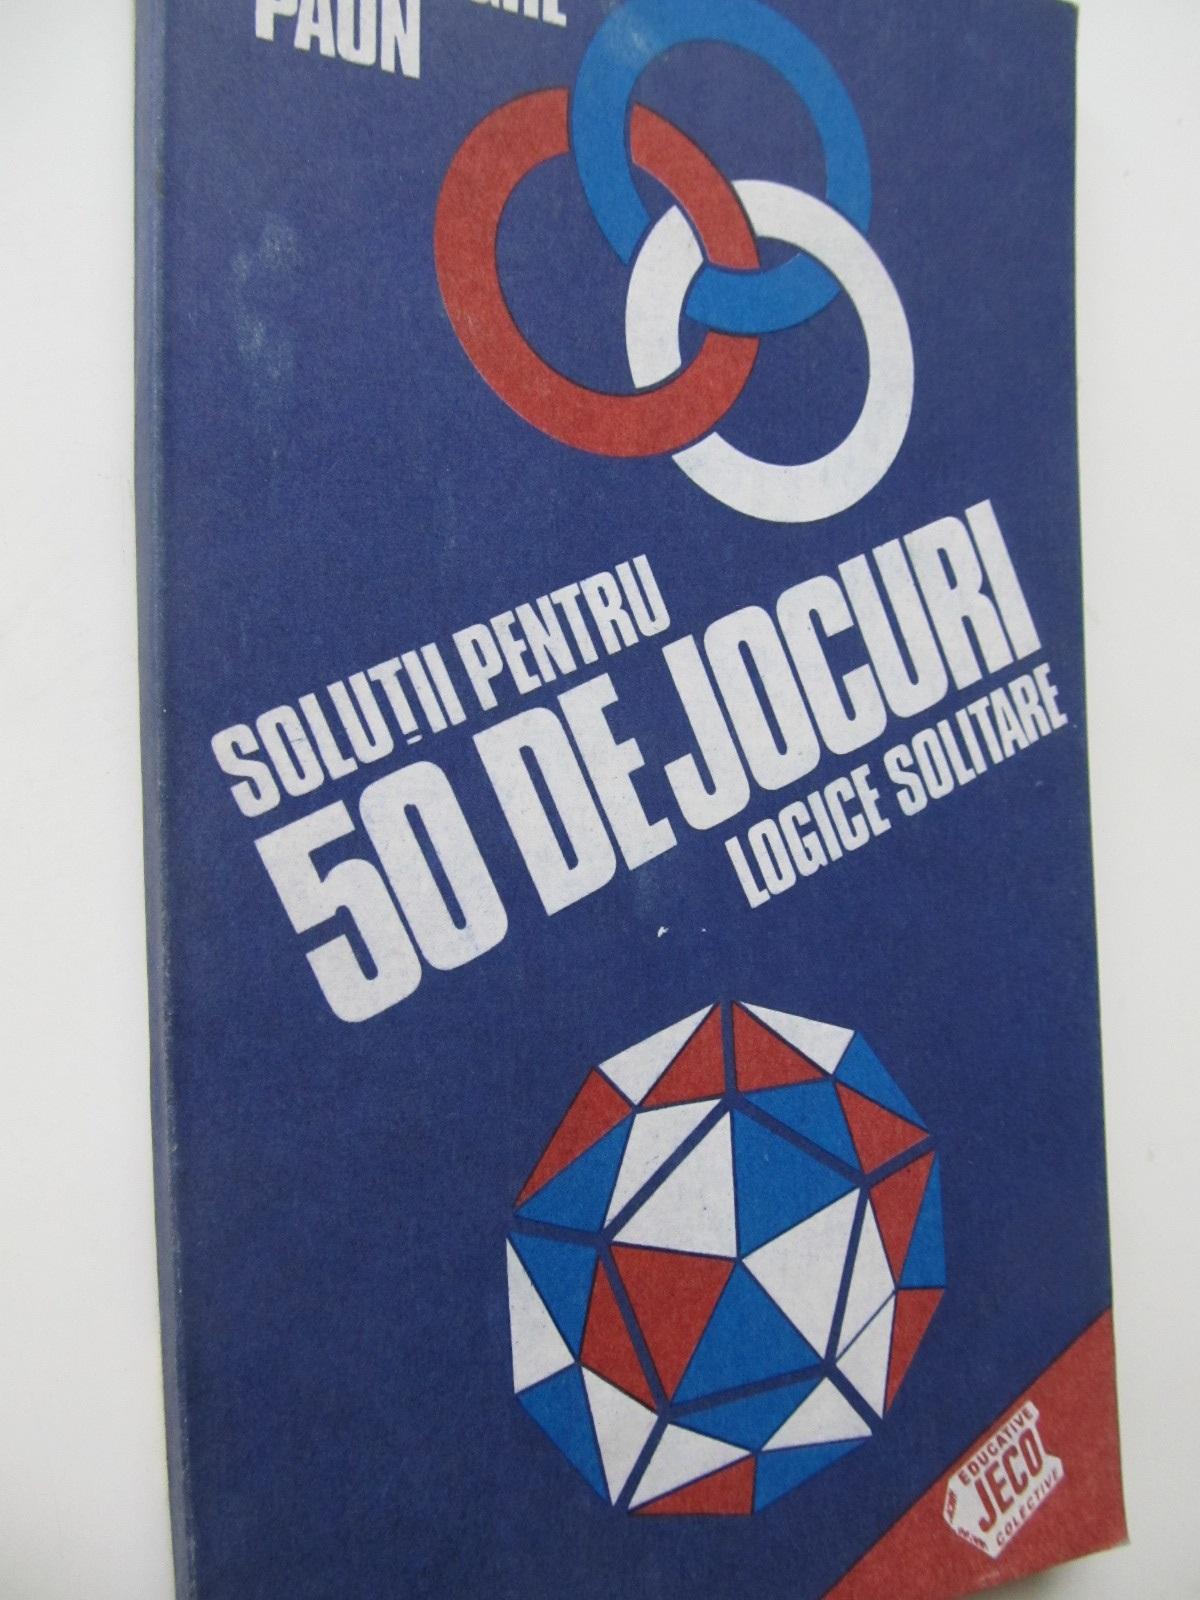 Solutii pentru 50 de jocuri logice solitare - Gheorghe Paun | Detalii carte